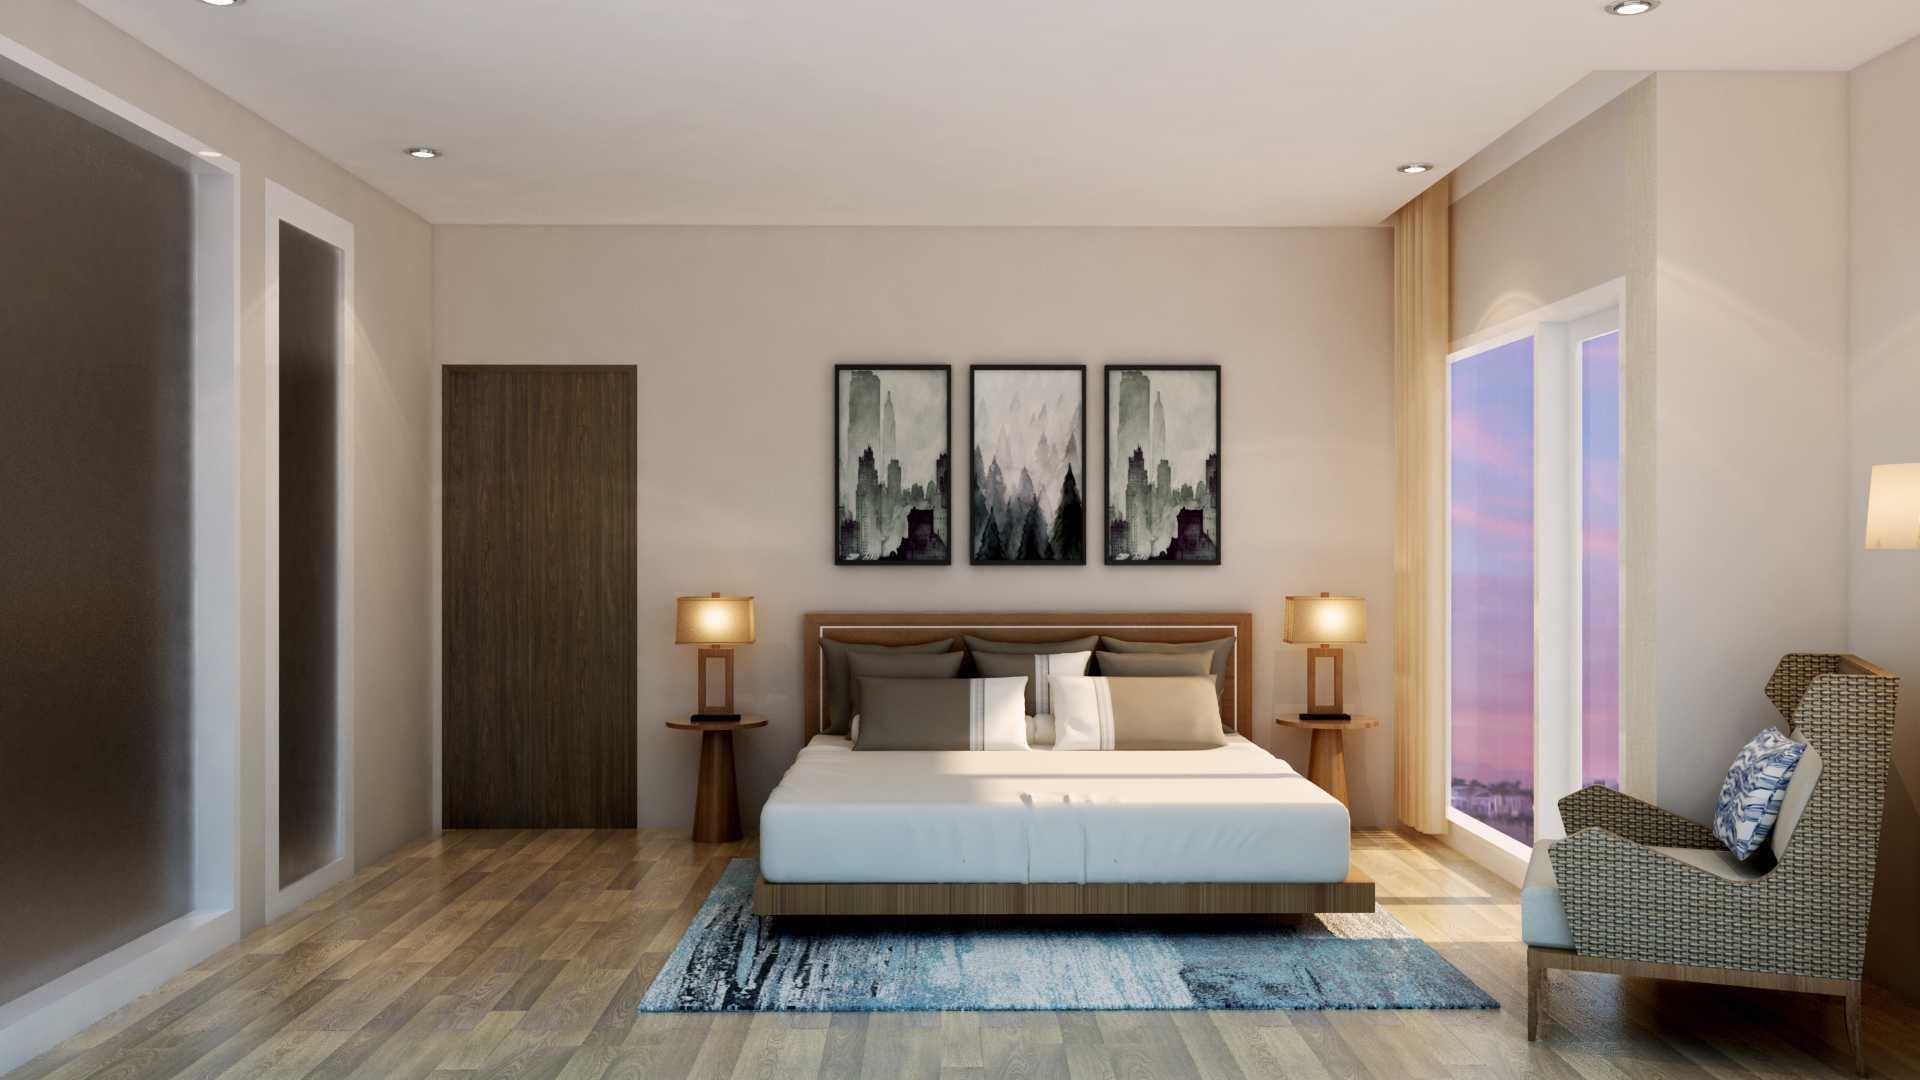 Vin•da•te Hotel Canggu Beach Bali - Indonesia Bali - Indonesia Hotel Room Kontemporer  17590